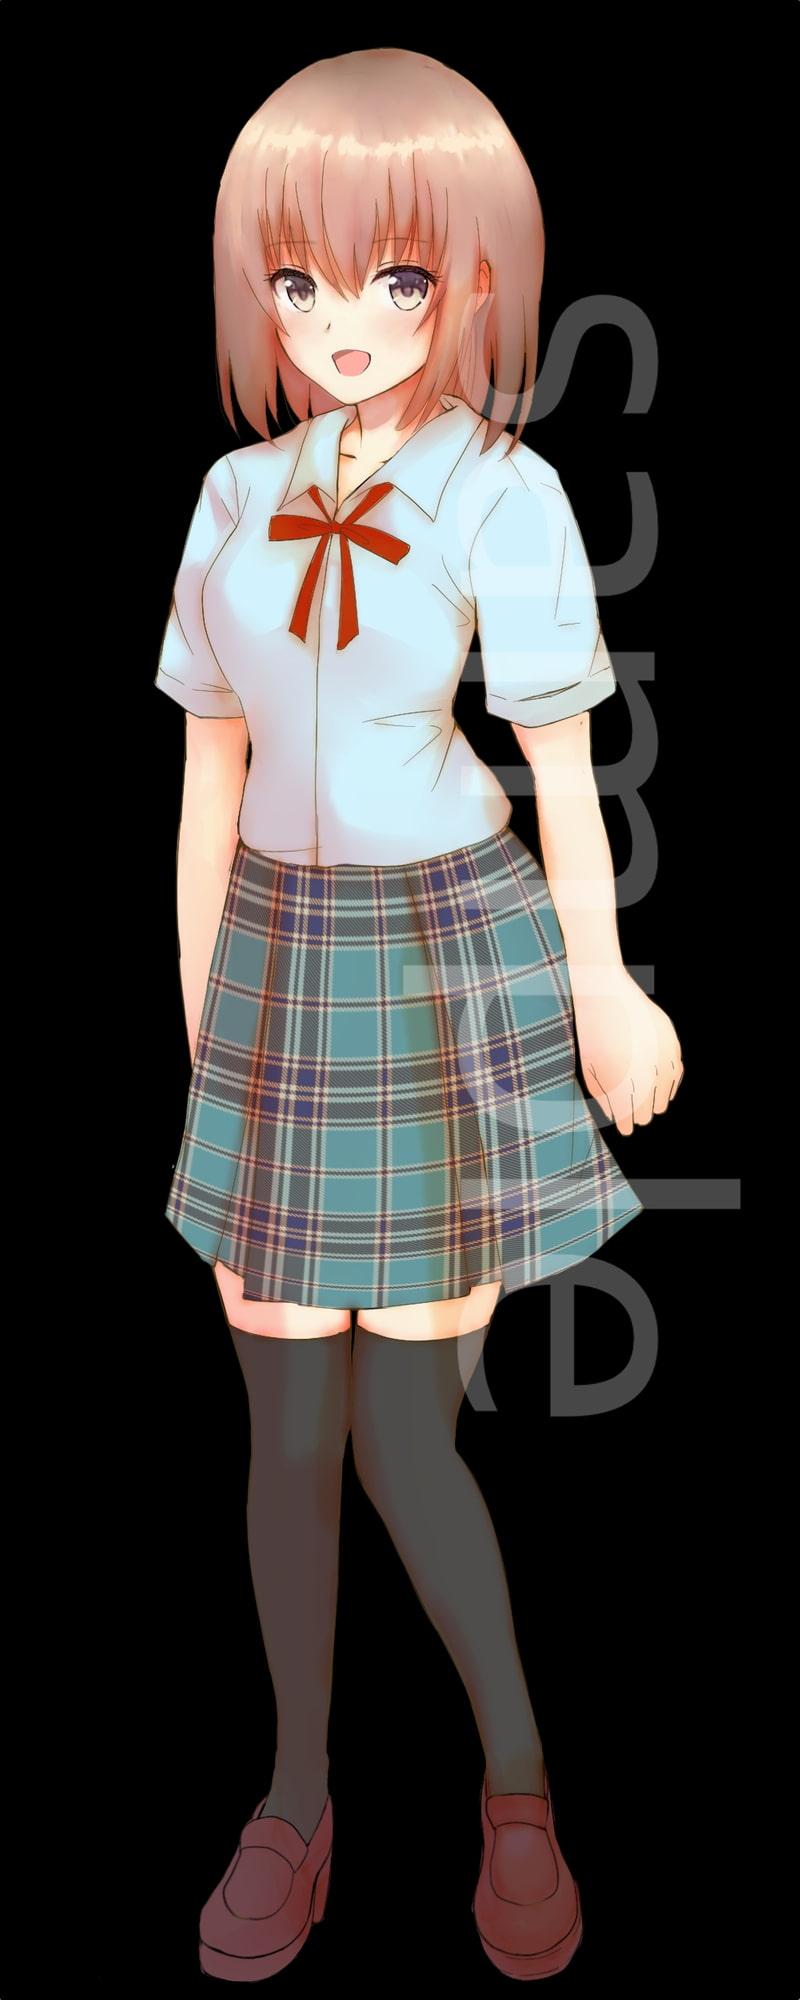 制服の女の子立ち絵9